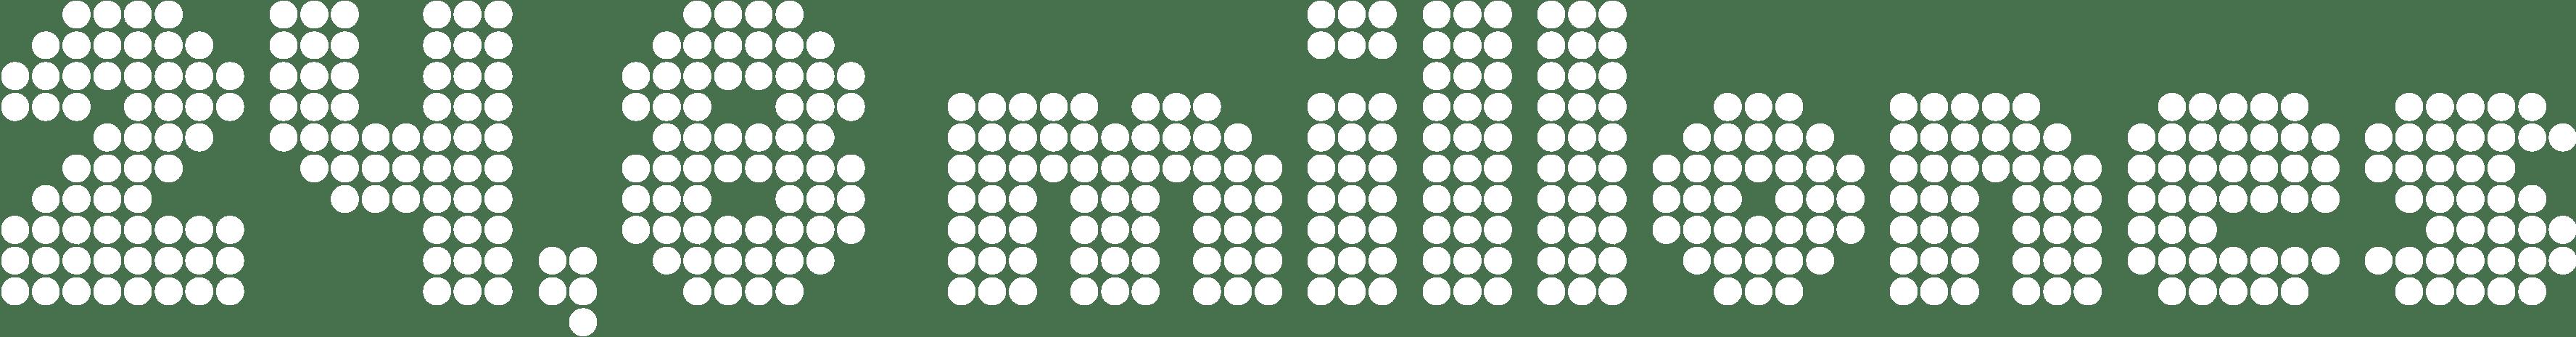 Número 24,8 millones escrito con puntos